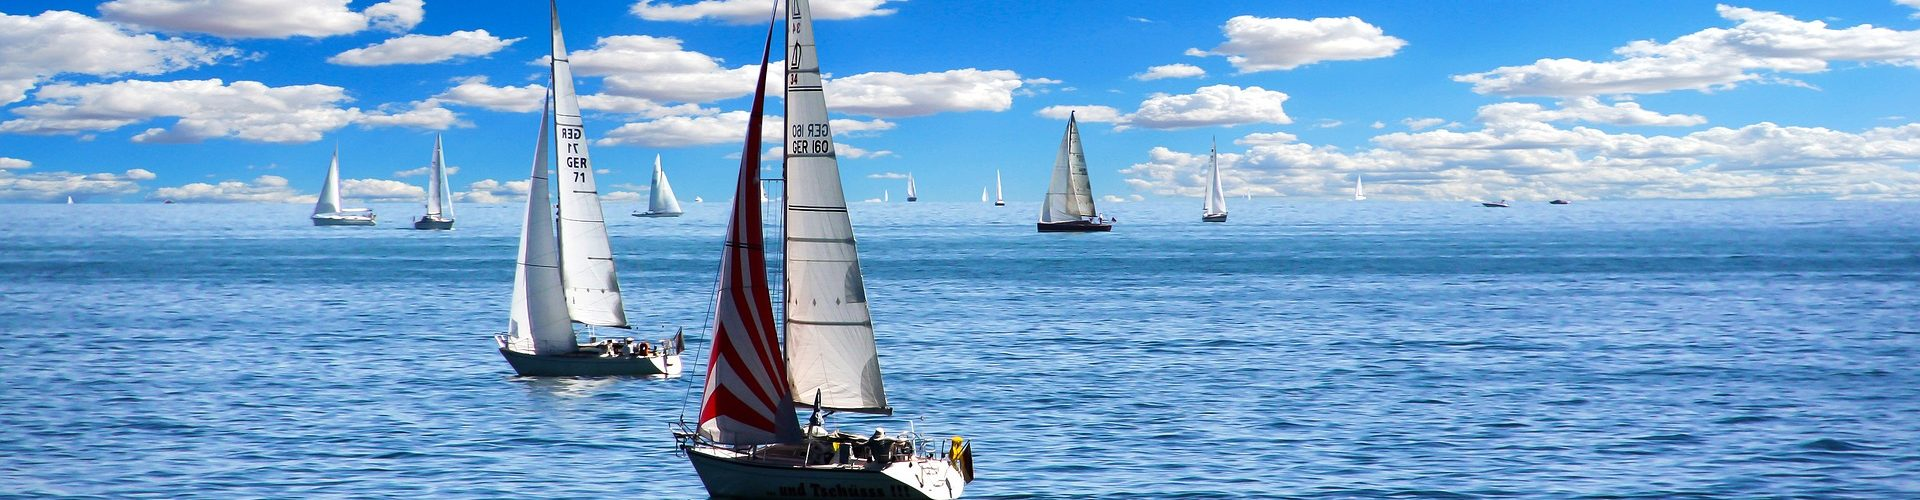 segeln lernen in Wangen im Allgäu segelschein machen in Wangen im Allgäu 1920x500 - Segeln lernen in Wangen im Allgäu